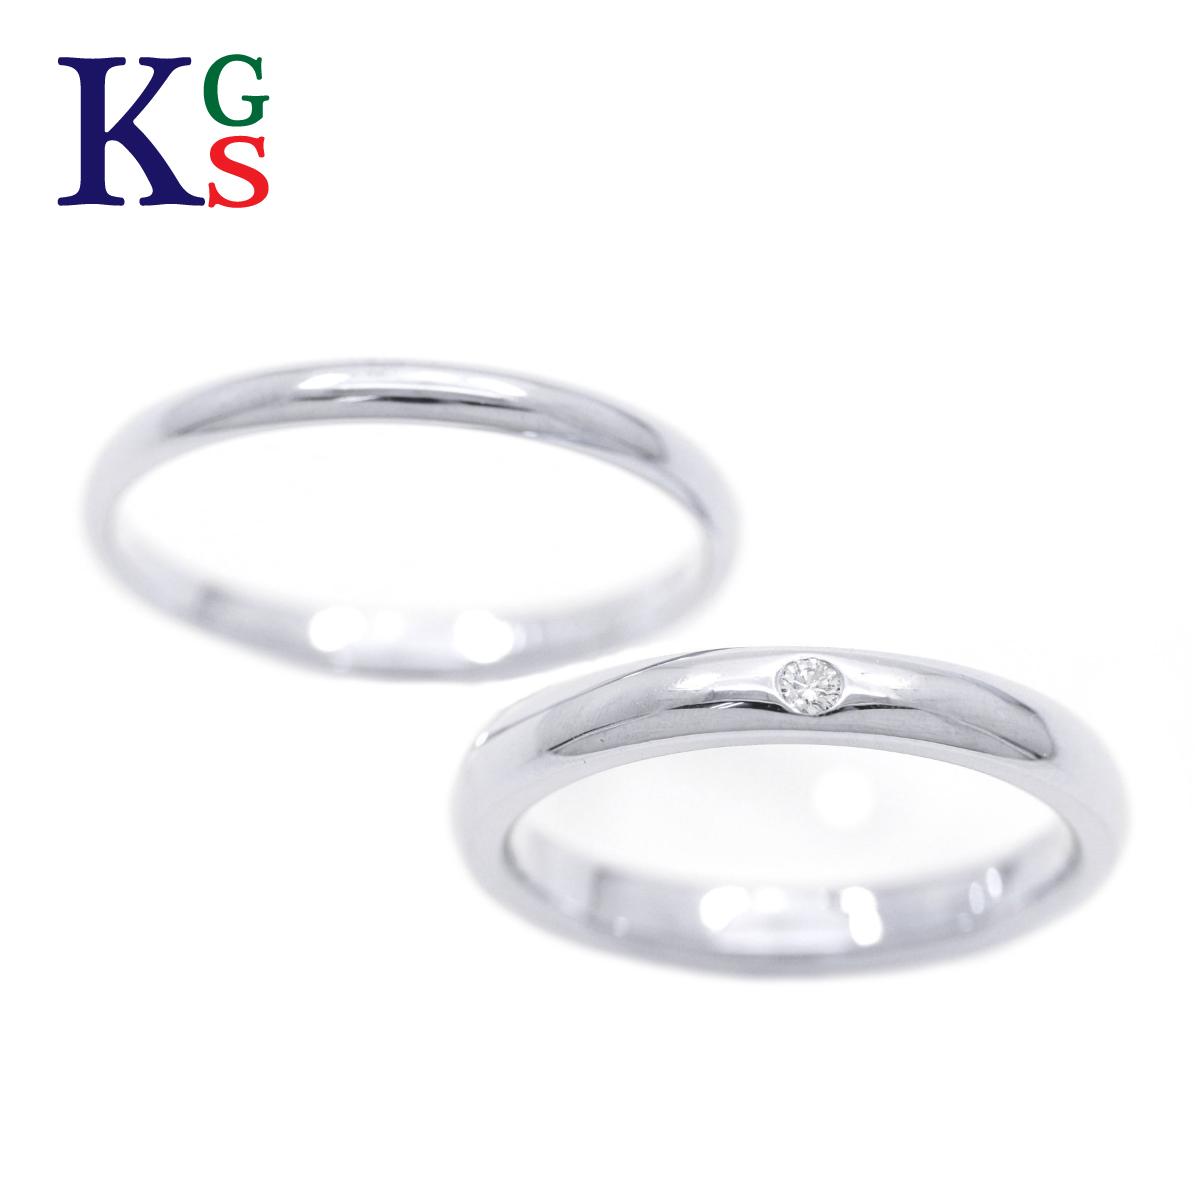 7294410f7 karyon: Tiffany /Tiffany&Co pairing / stacking bundling classical music  bundling / Lady's men marriage ring wedding ring Pt950 platinum   Rakuten  Global ...